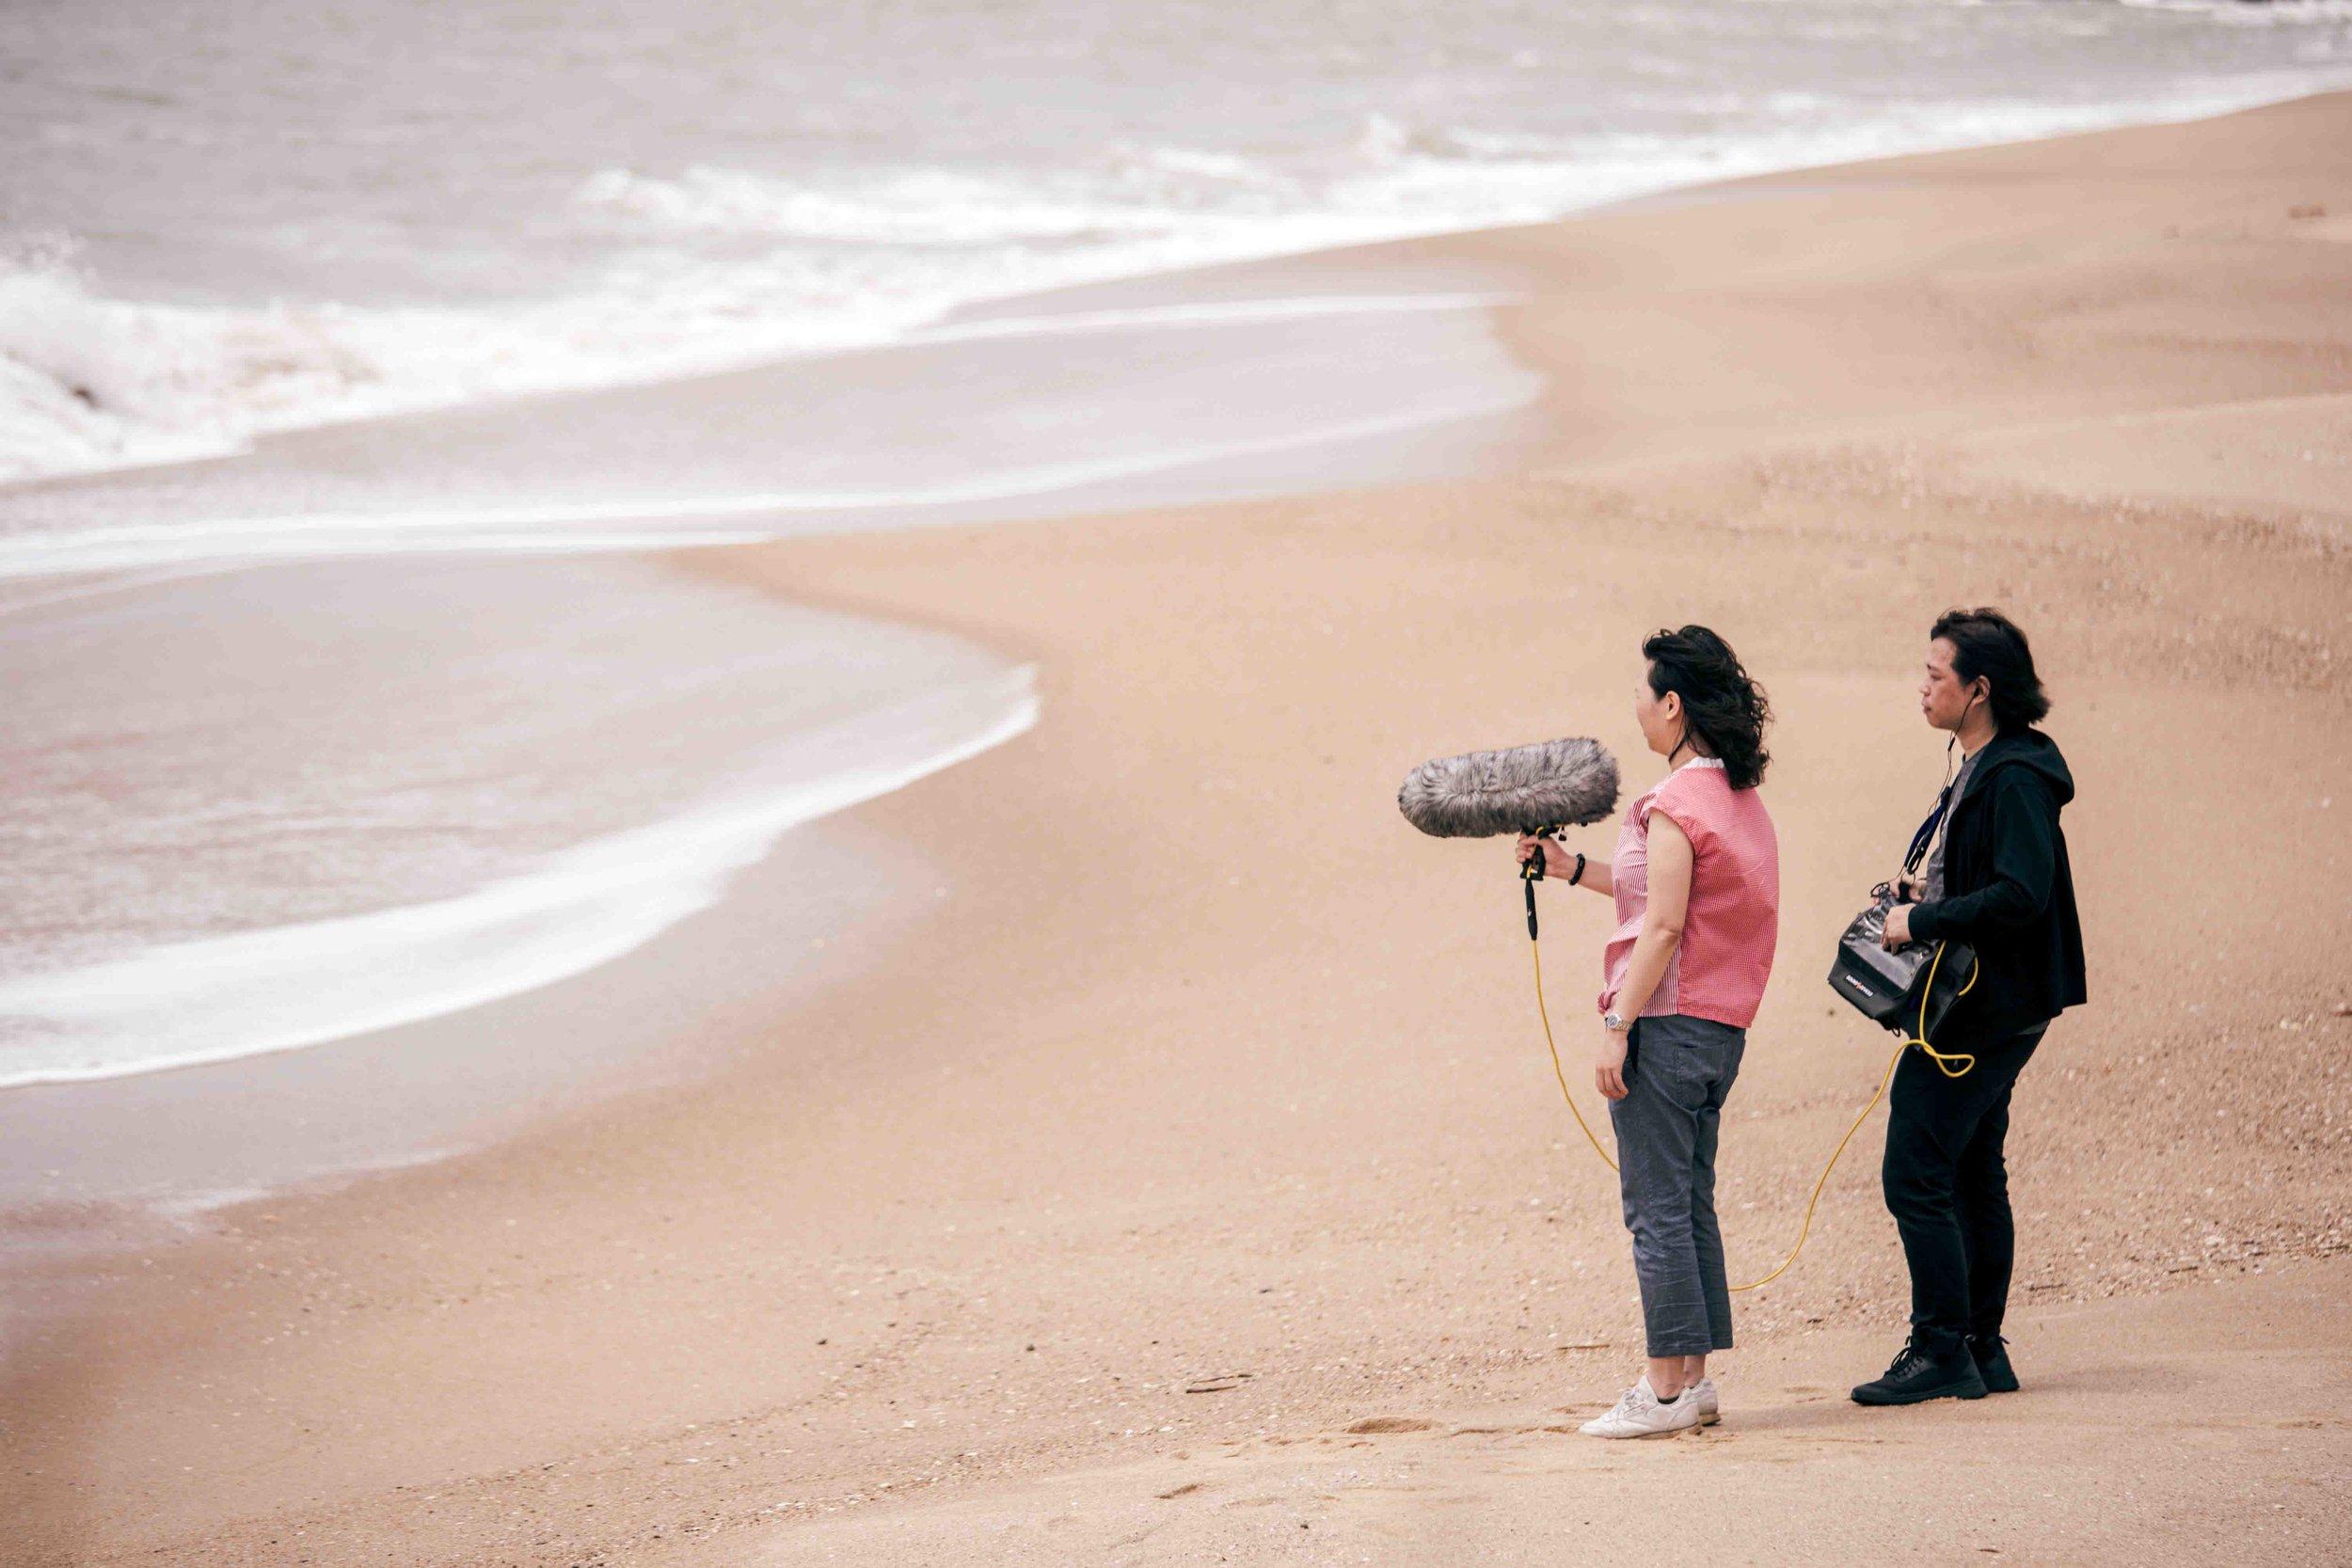 Field recording (Right: Wang Fu-Jui; Left: Ada Kai-Ting Yang) in Kinmen, 2018. Photographer: Jen-Chieh Liu